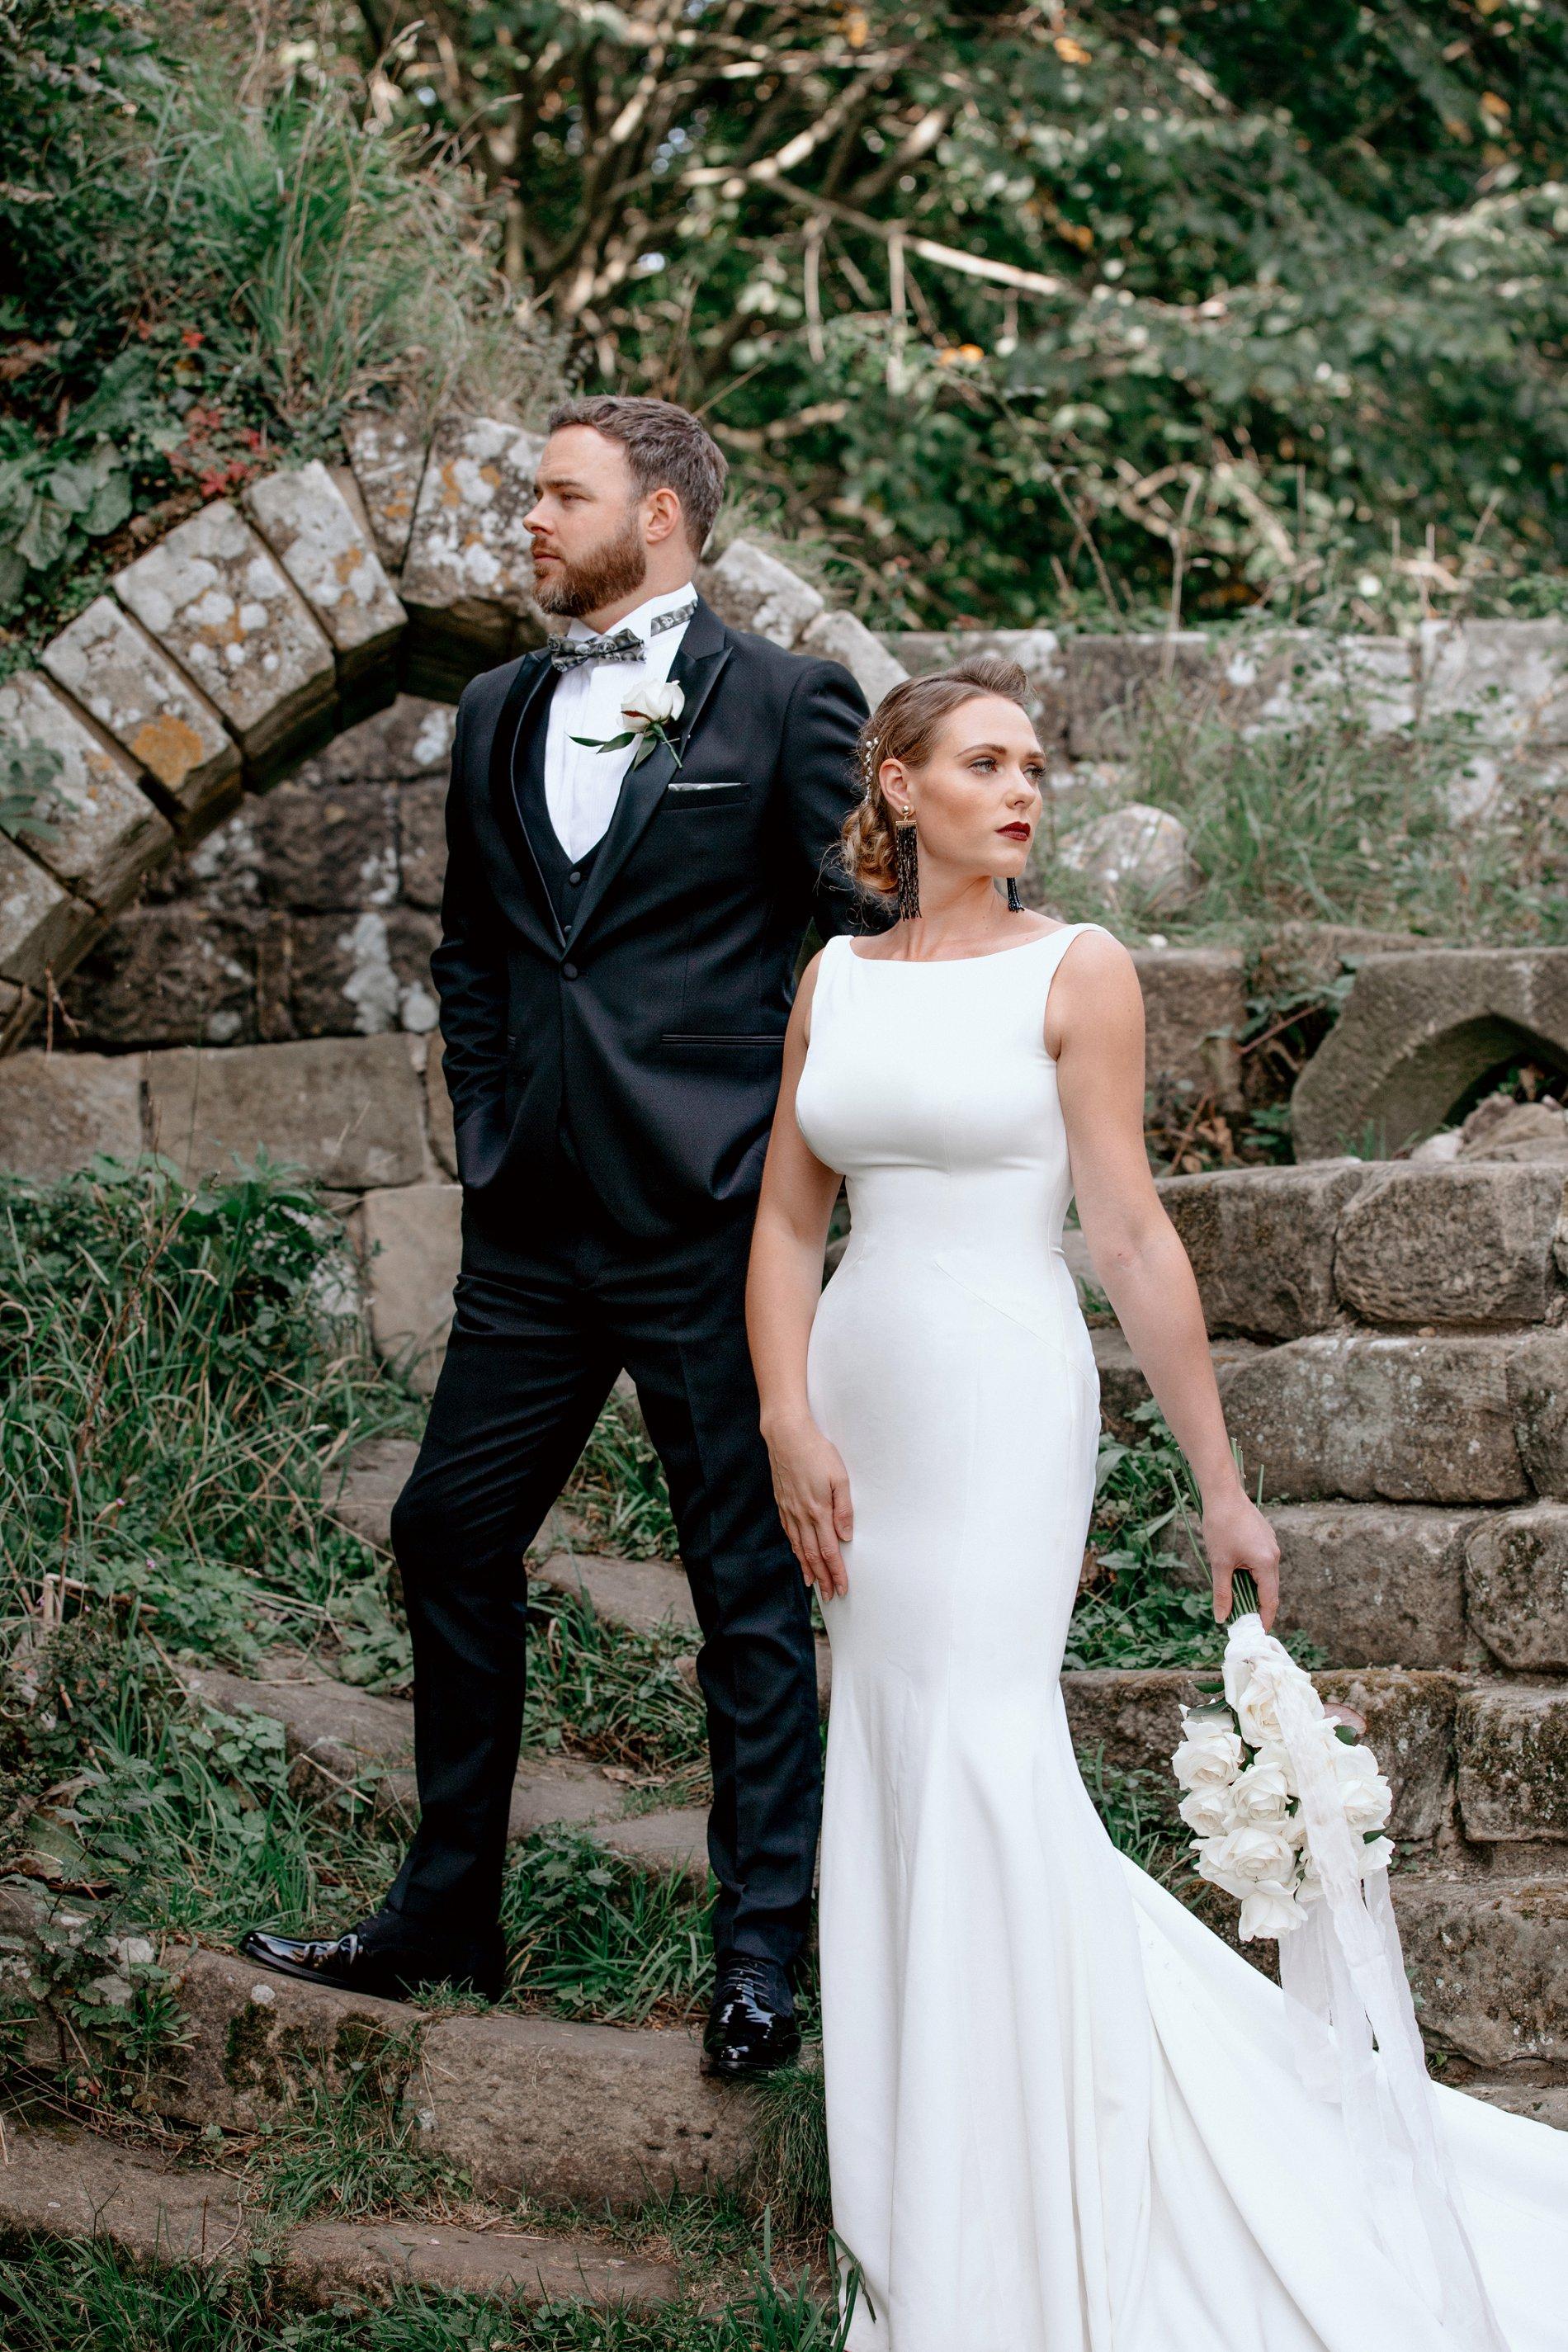 An Elegant Wedding Shoot at Jervaulx Abbey (c) Natalie Hamilton Photography (16)